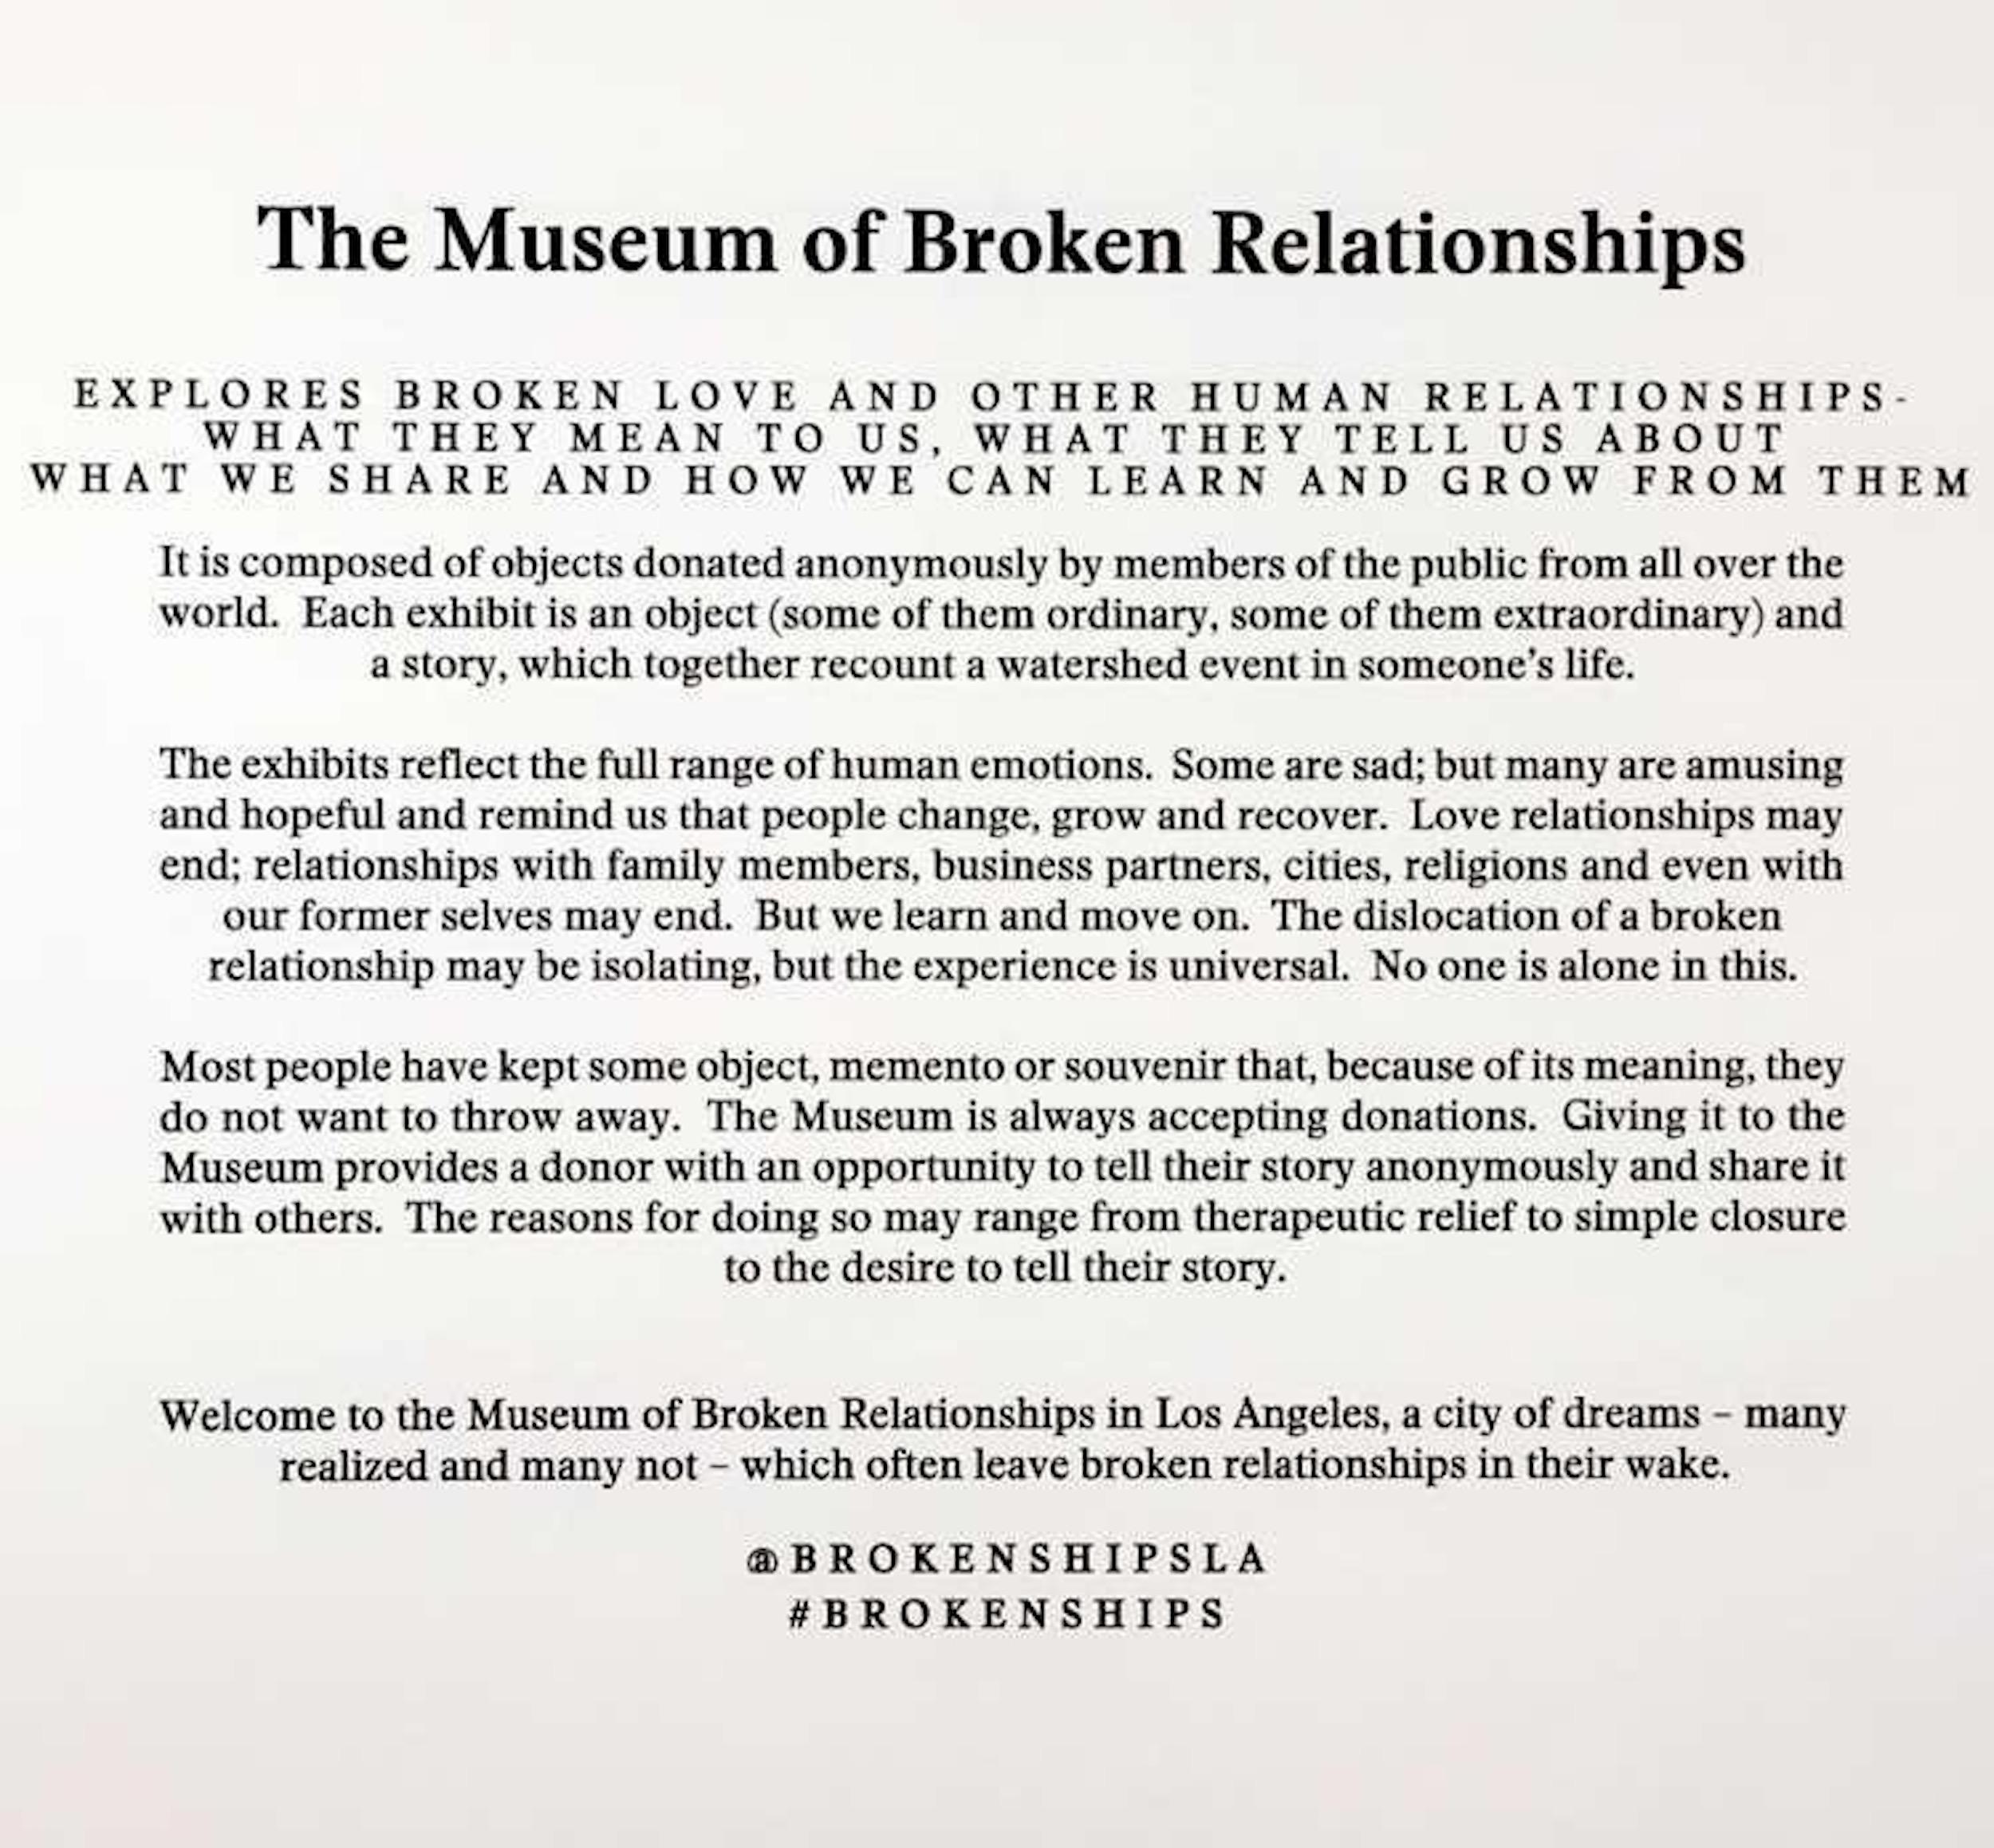 museum of broken relationships.JPG